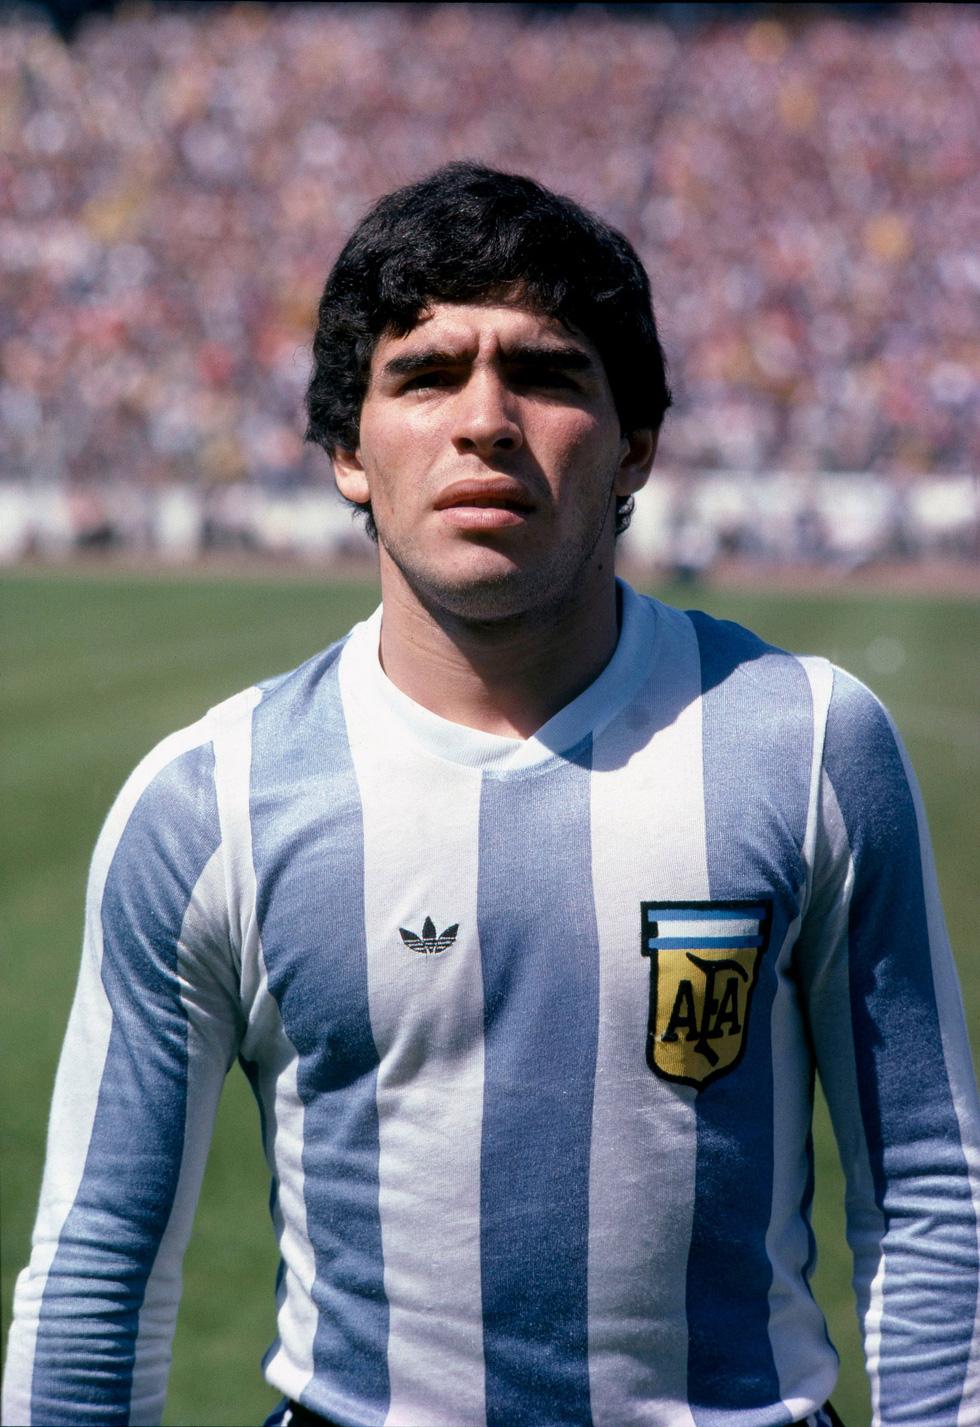 Sự nghiệp vĩ đại của Maradona qua ảnh - Ảnh 2.